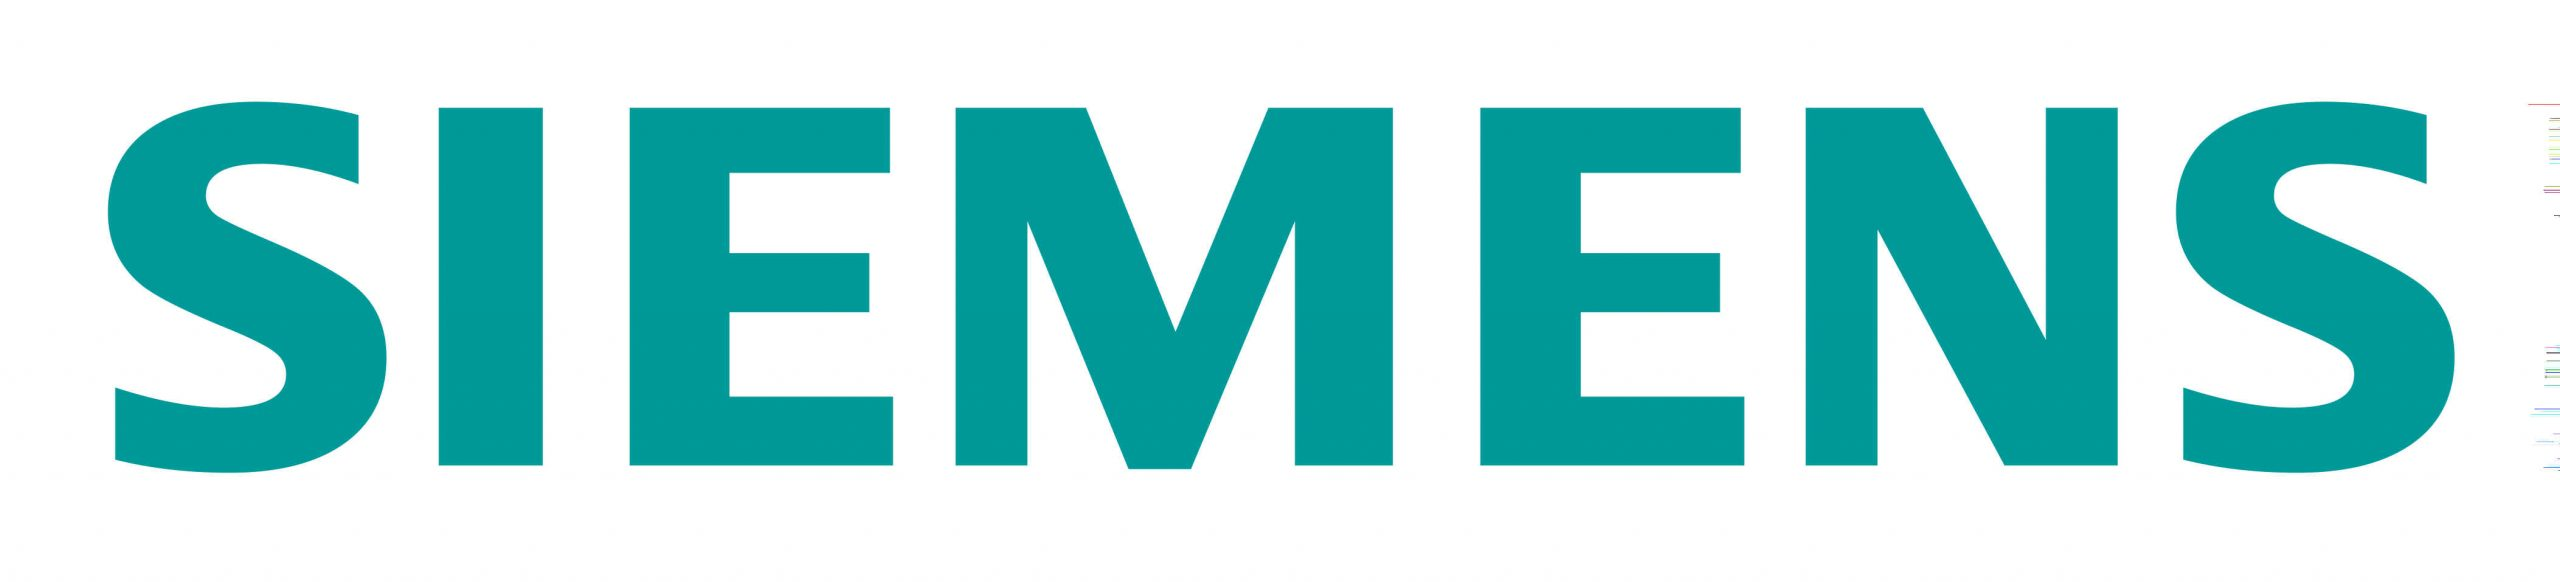 Siemens - Elektro-Installation Panne GmbH in Halver